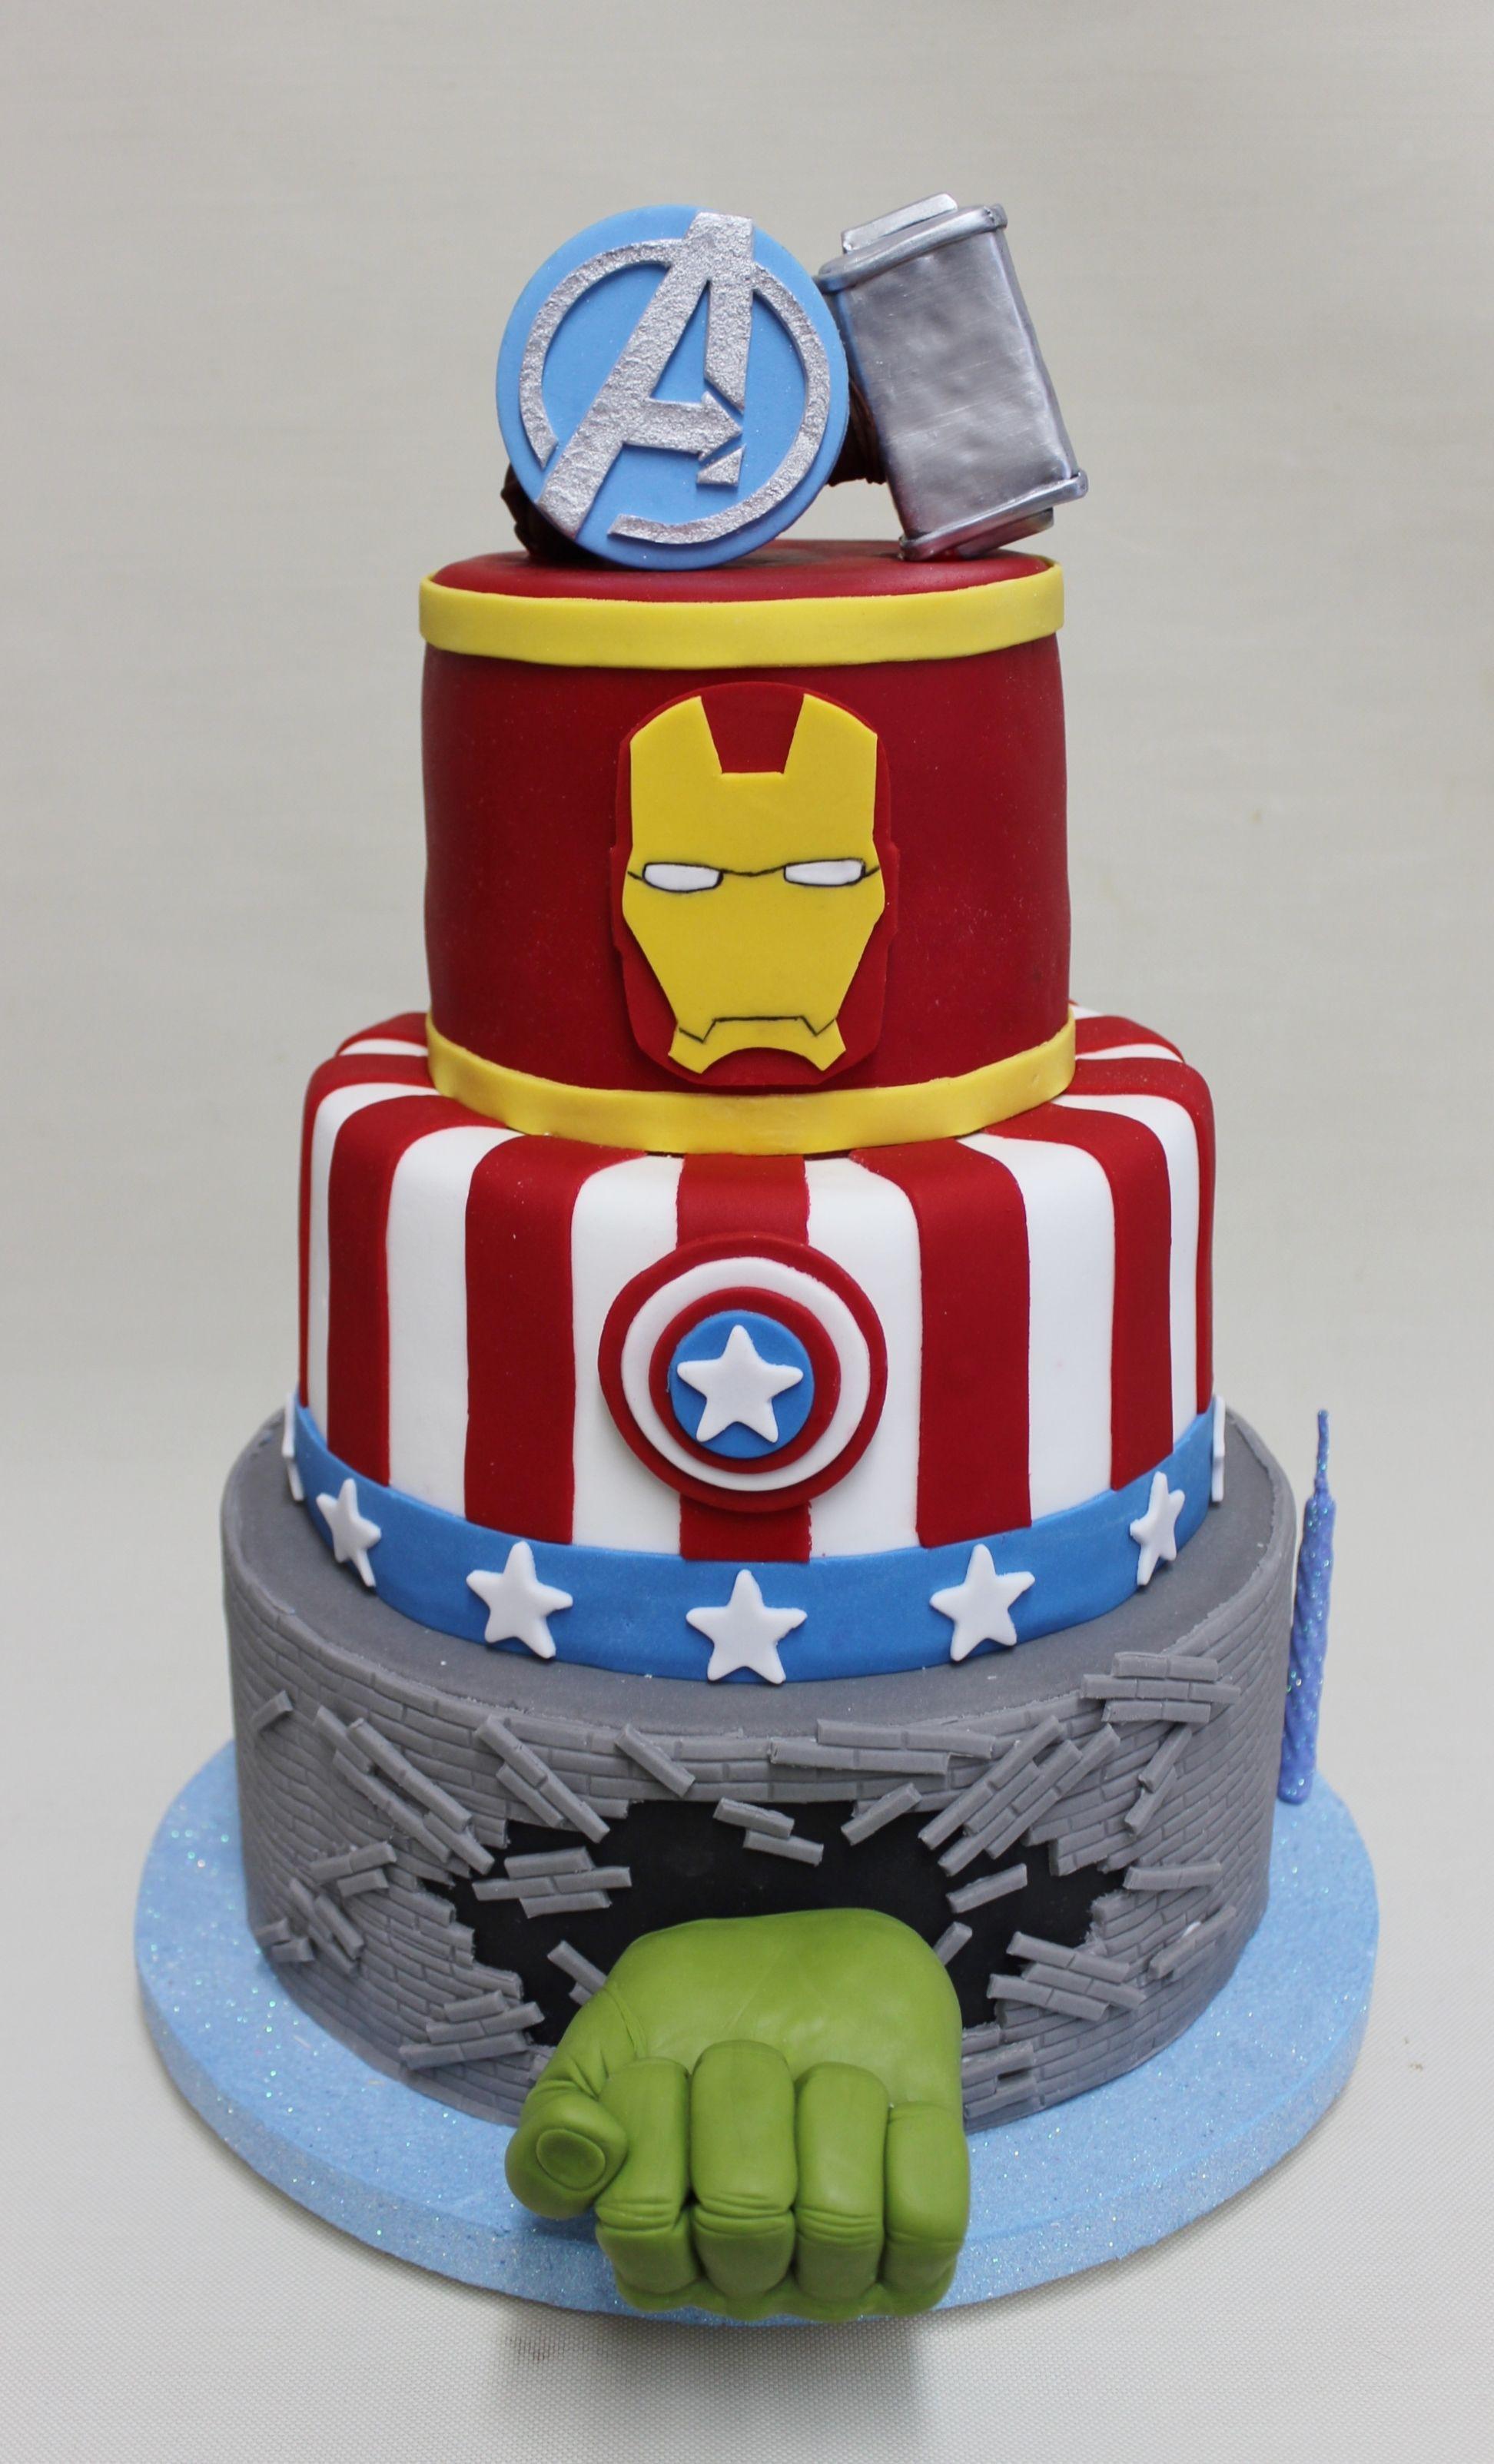 Avengers Cake Violeta Glace Avengers Birthday Cakes Avenger